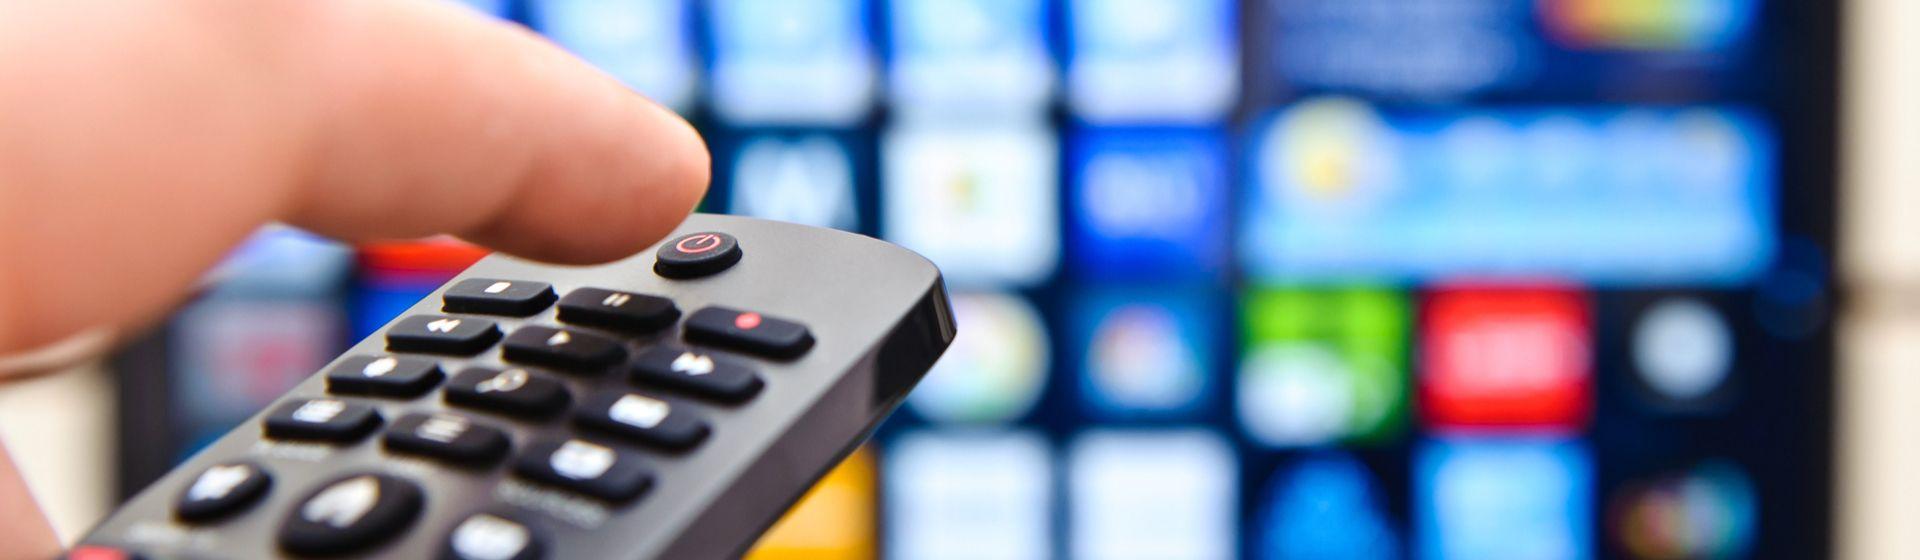 Como atualizar a TV LG: confira o passo a passo